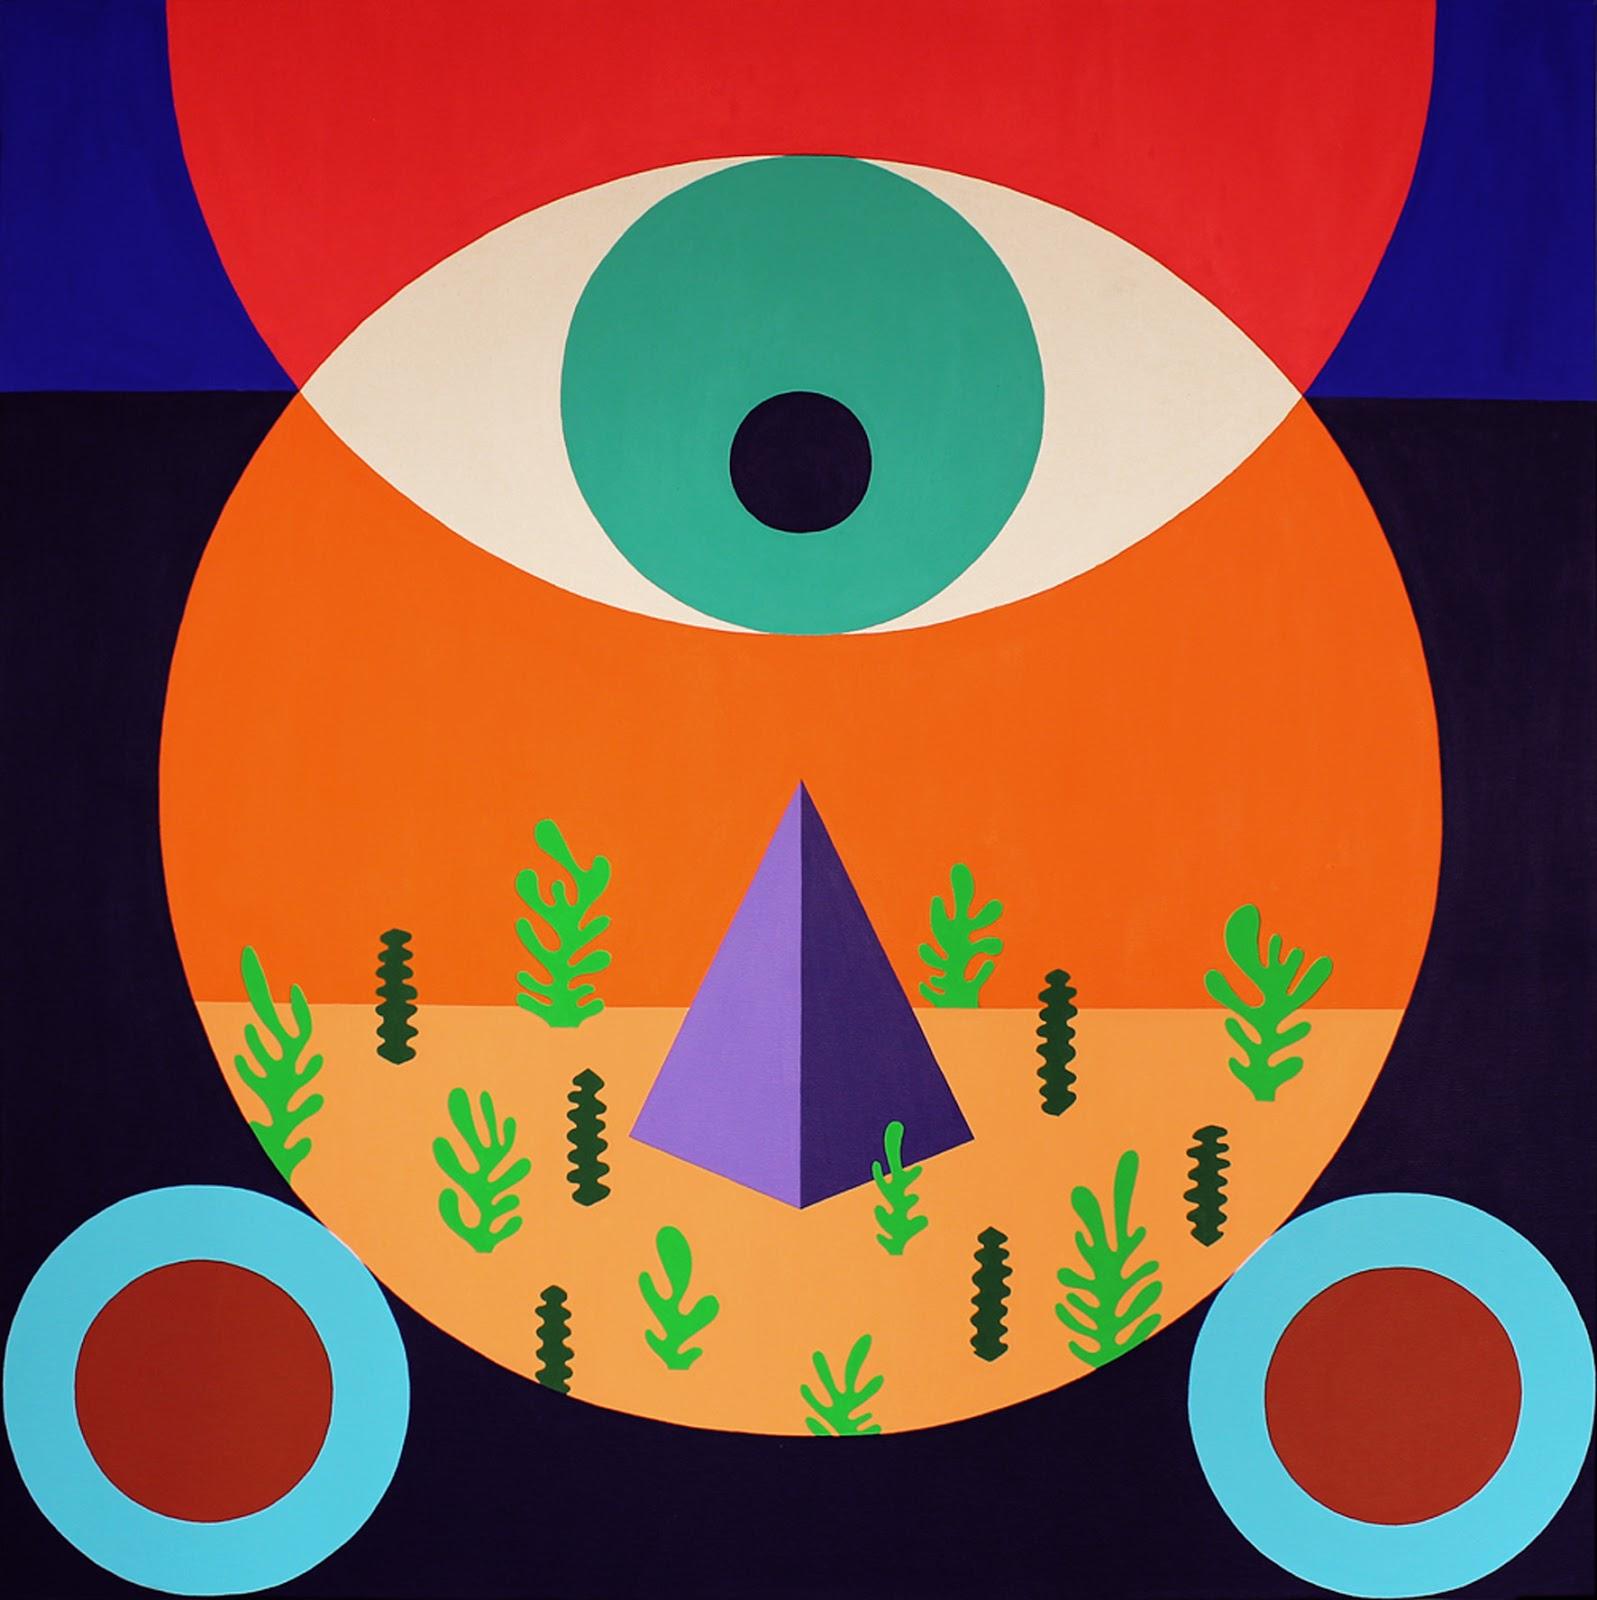 ... o artista movimenta volumes, reinventa linhas, organiza espaços. Os  trabalhos de Gustavo Francesconi partem das misturas de cor e dos livres  encontros ... c65cb747df